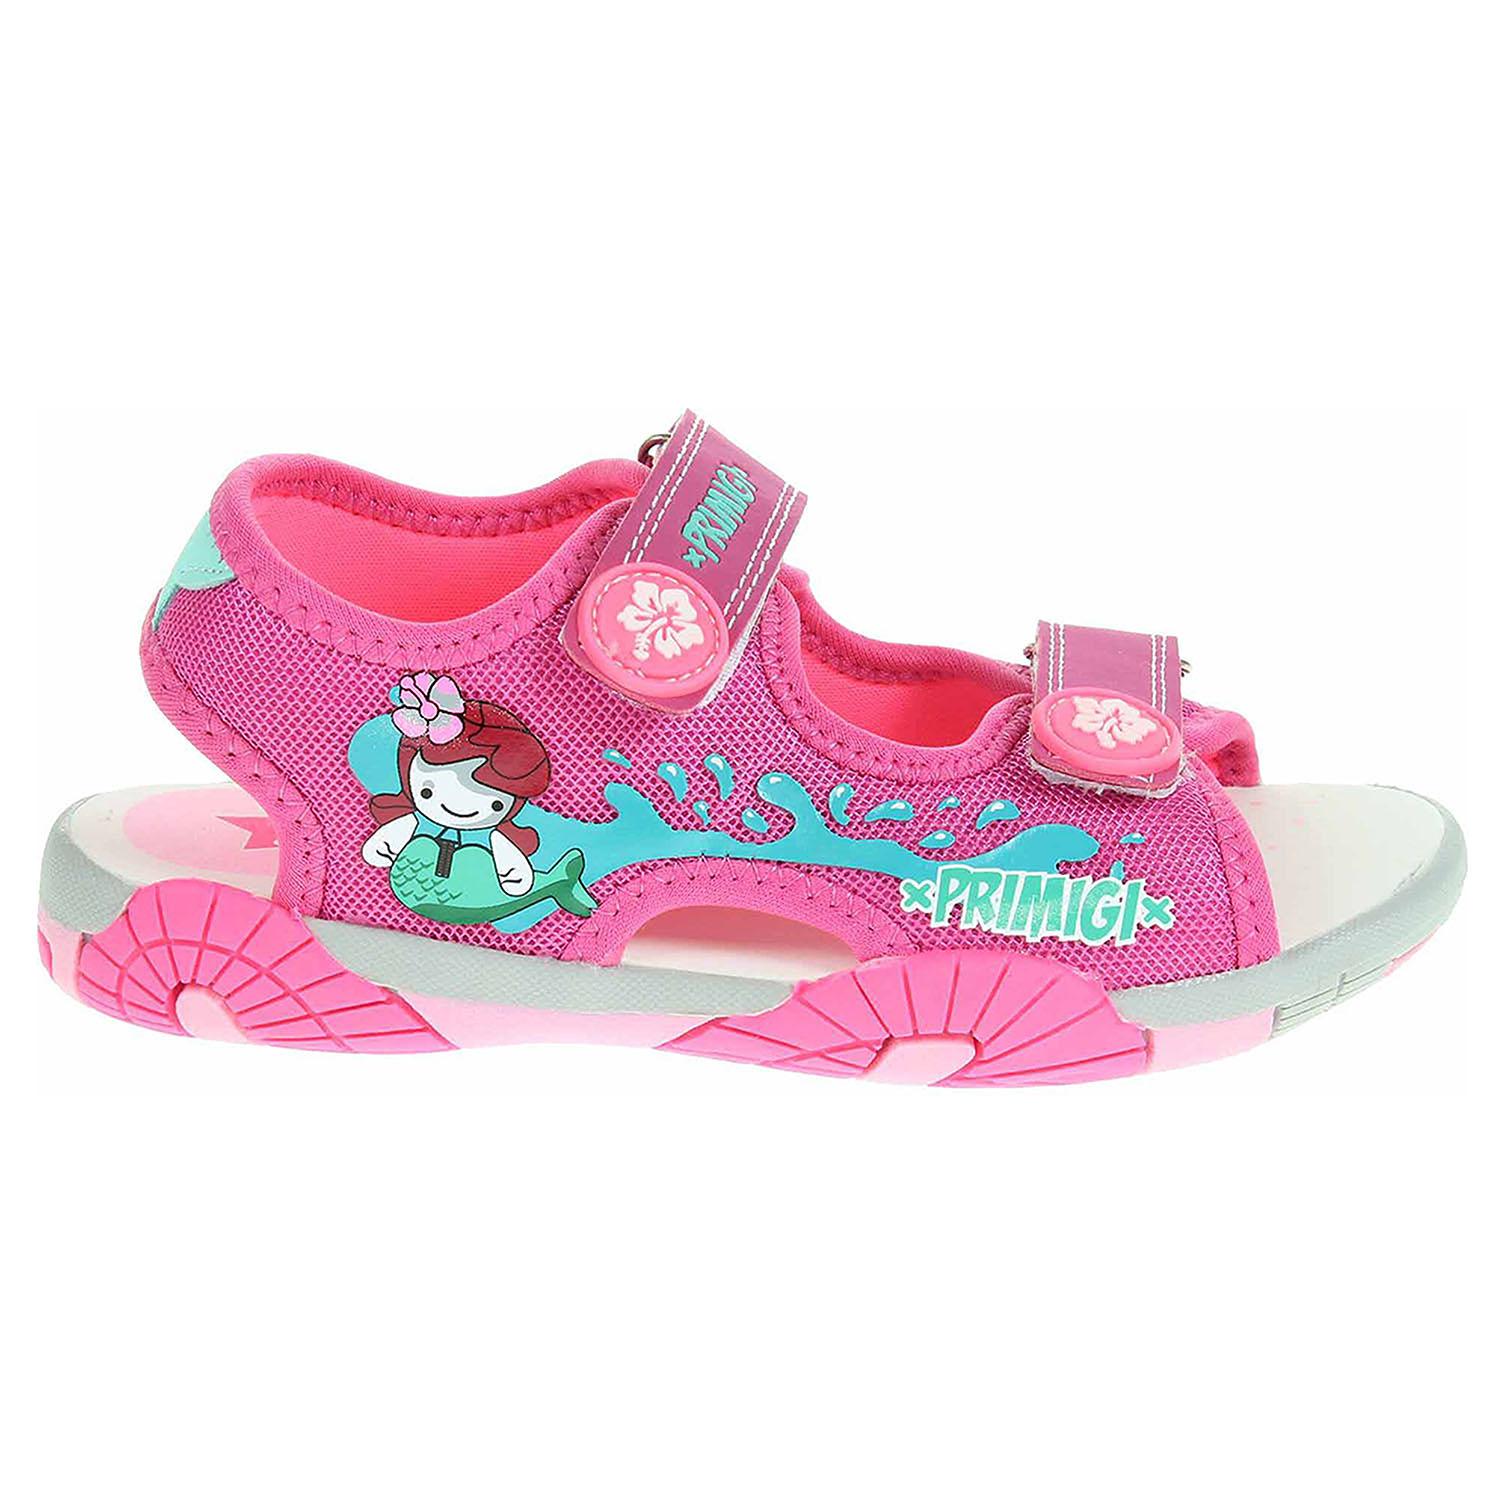 Ecco Primigi dívčí sandály 1455900 fuxia 26100129 1b940ea307a